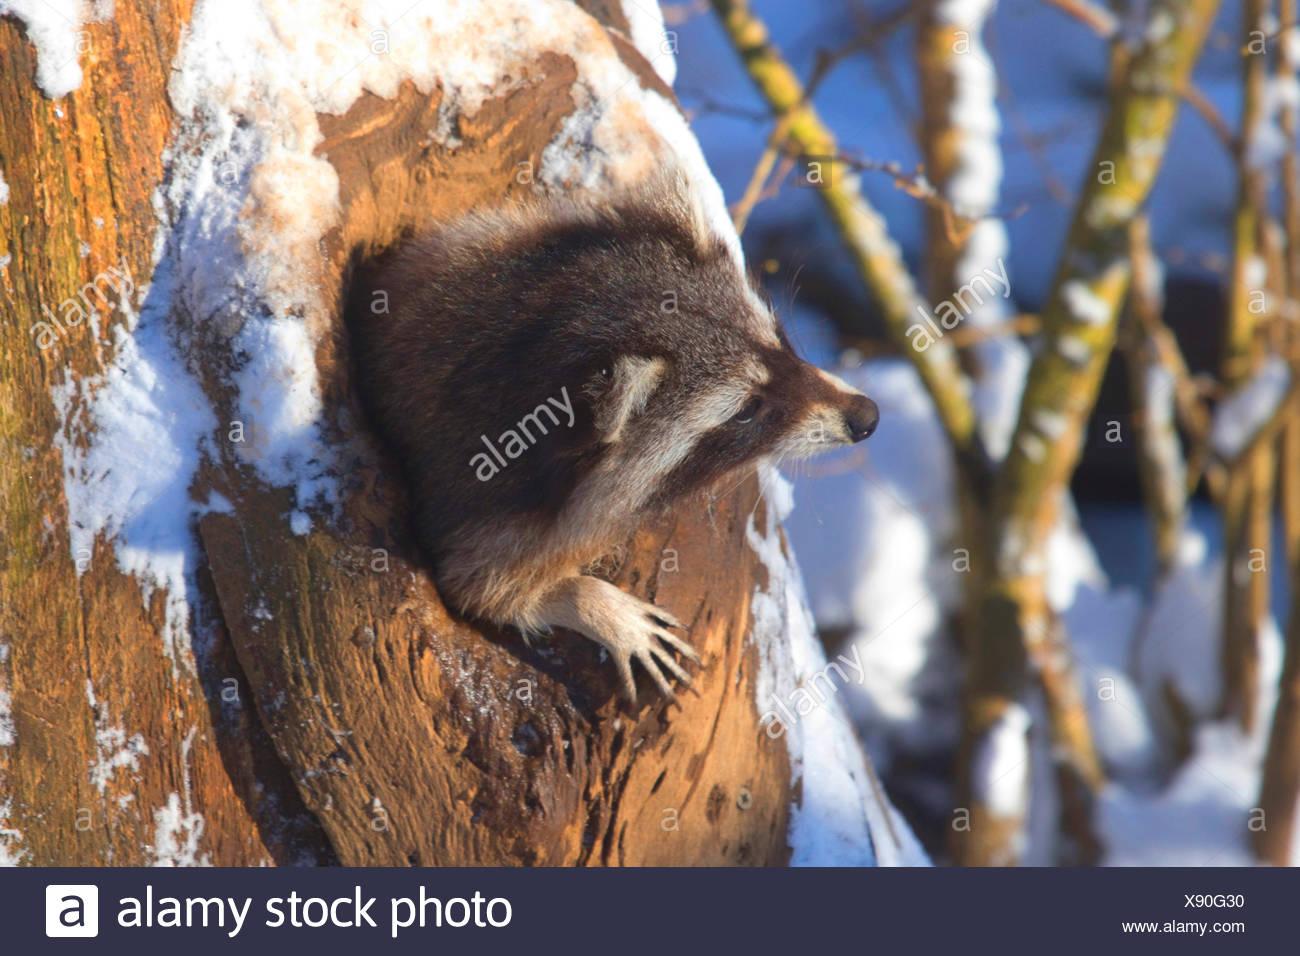 Comunes de mapache (Procyon lotor), buscando un agujero de árbol en invierno, en Alemania, en Renania del Norte-Westfalia Imagen De Stock